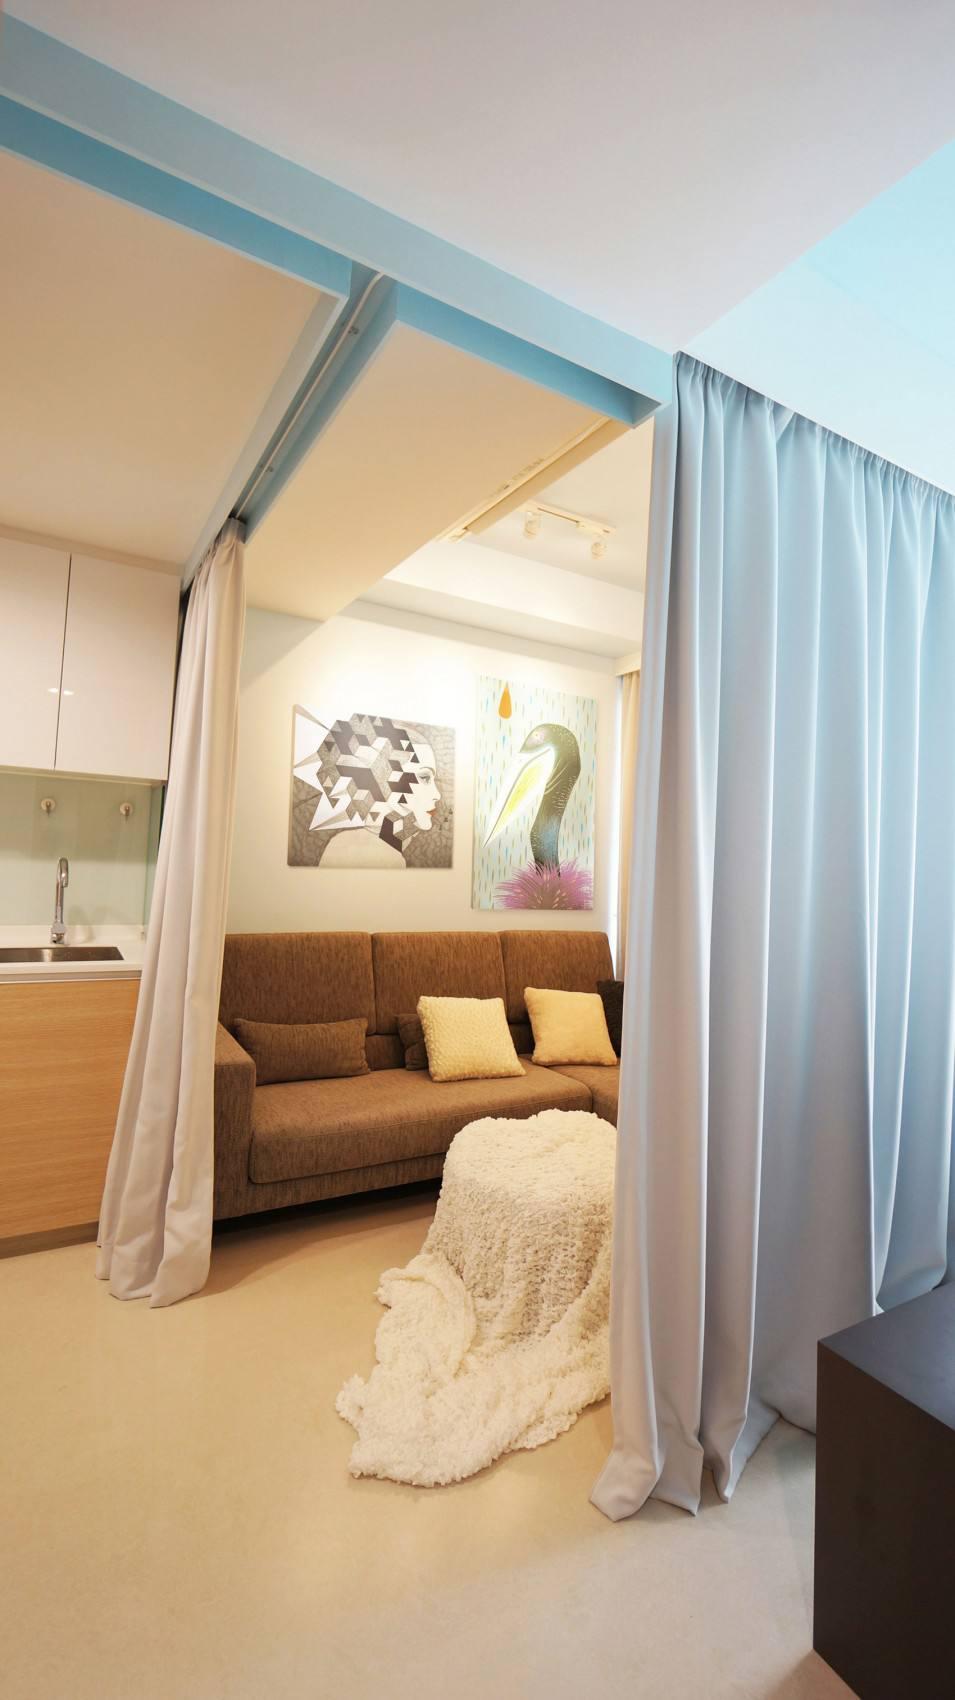 清新舒适简约公寓沙发装饰效果图